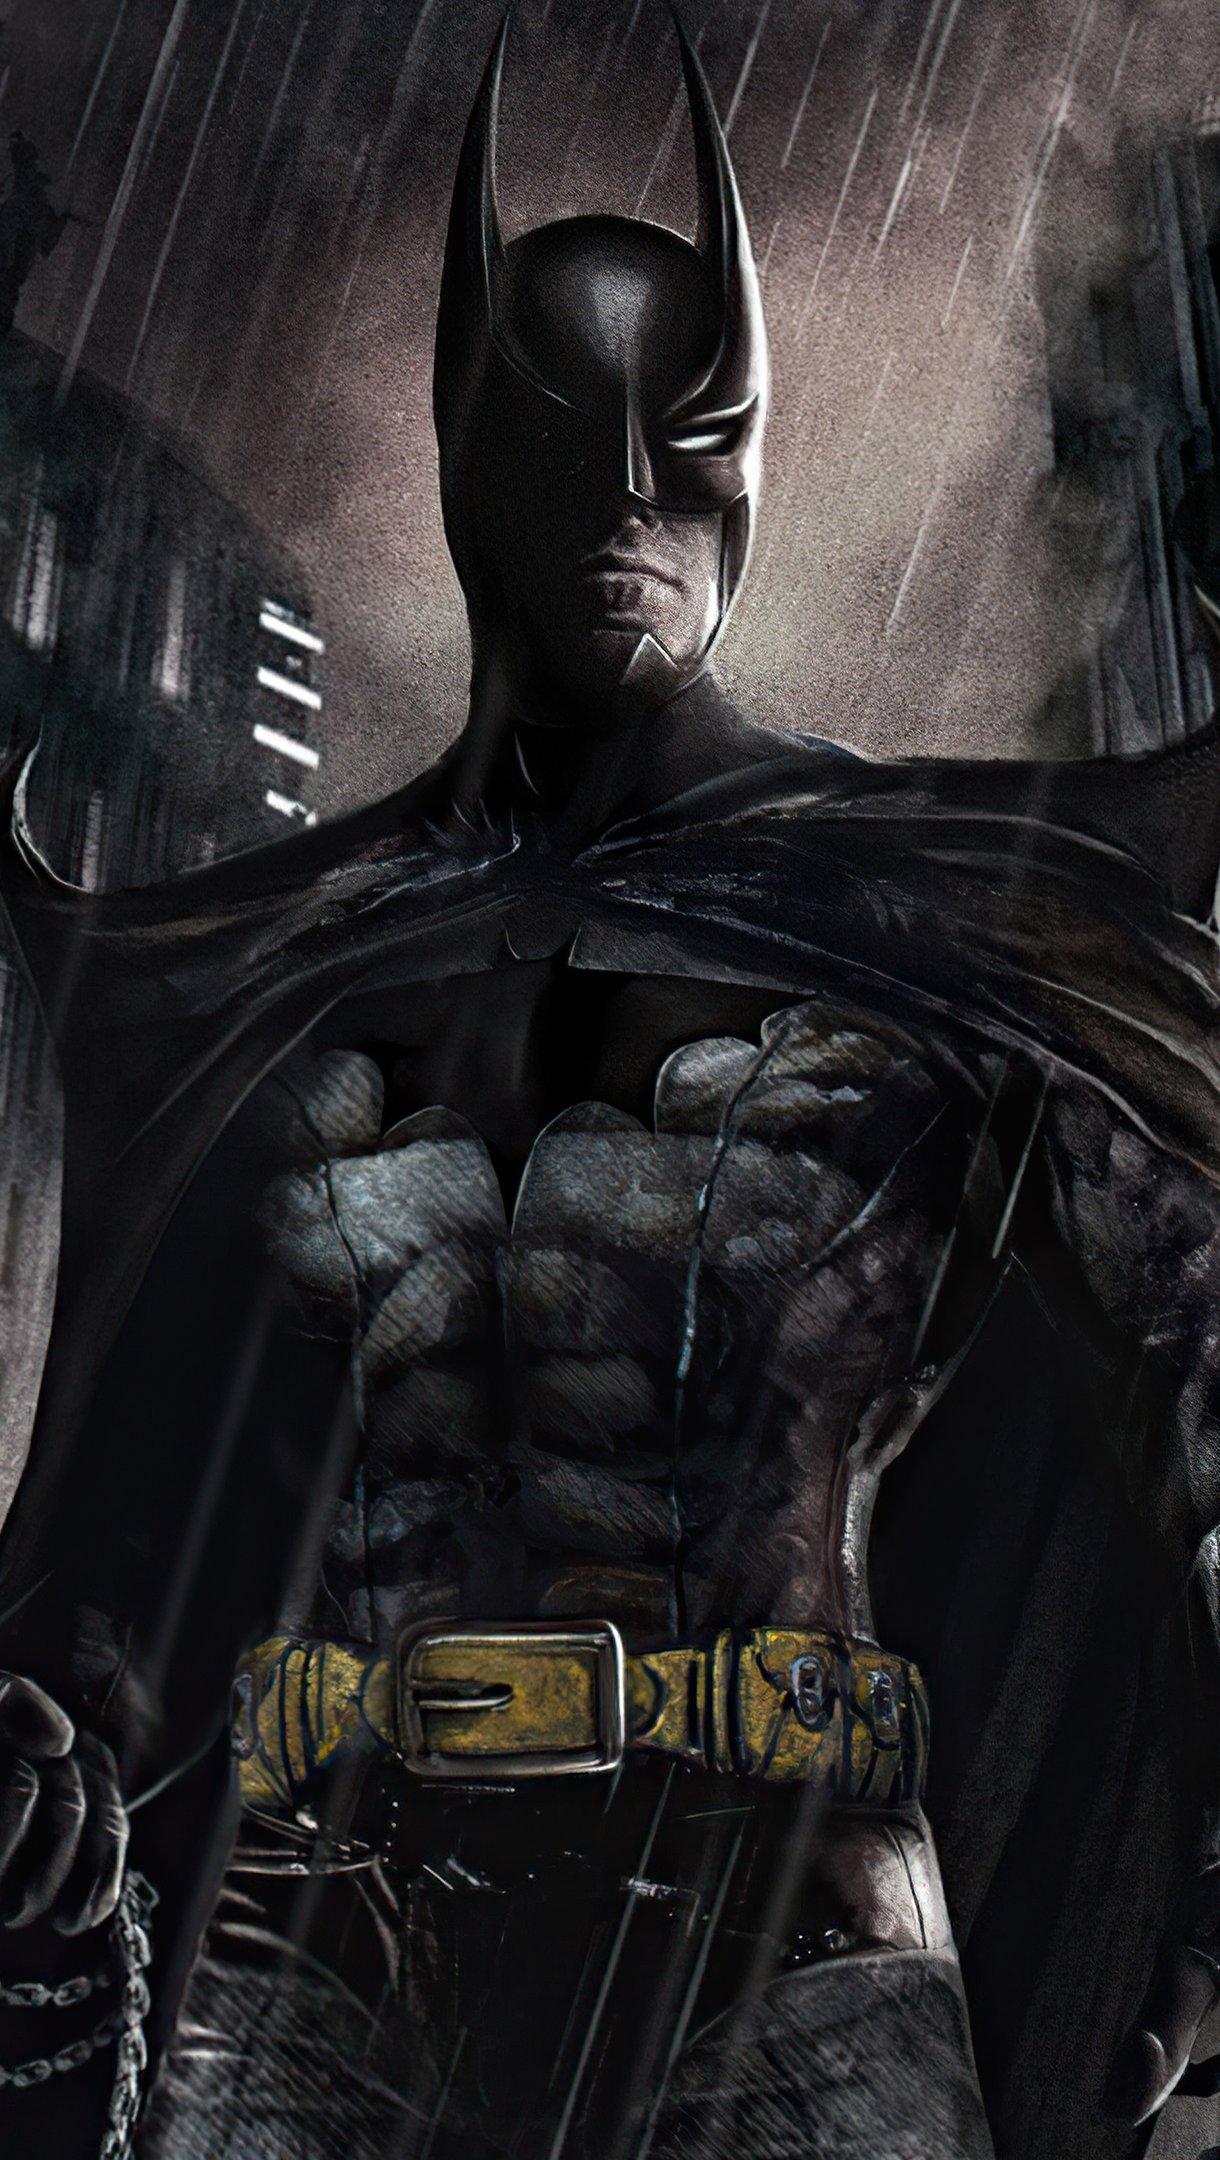 Fondos de pantalla The Batman Concepto Oscuro Vertical